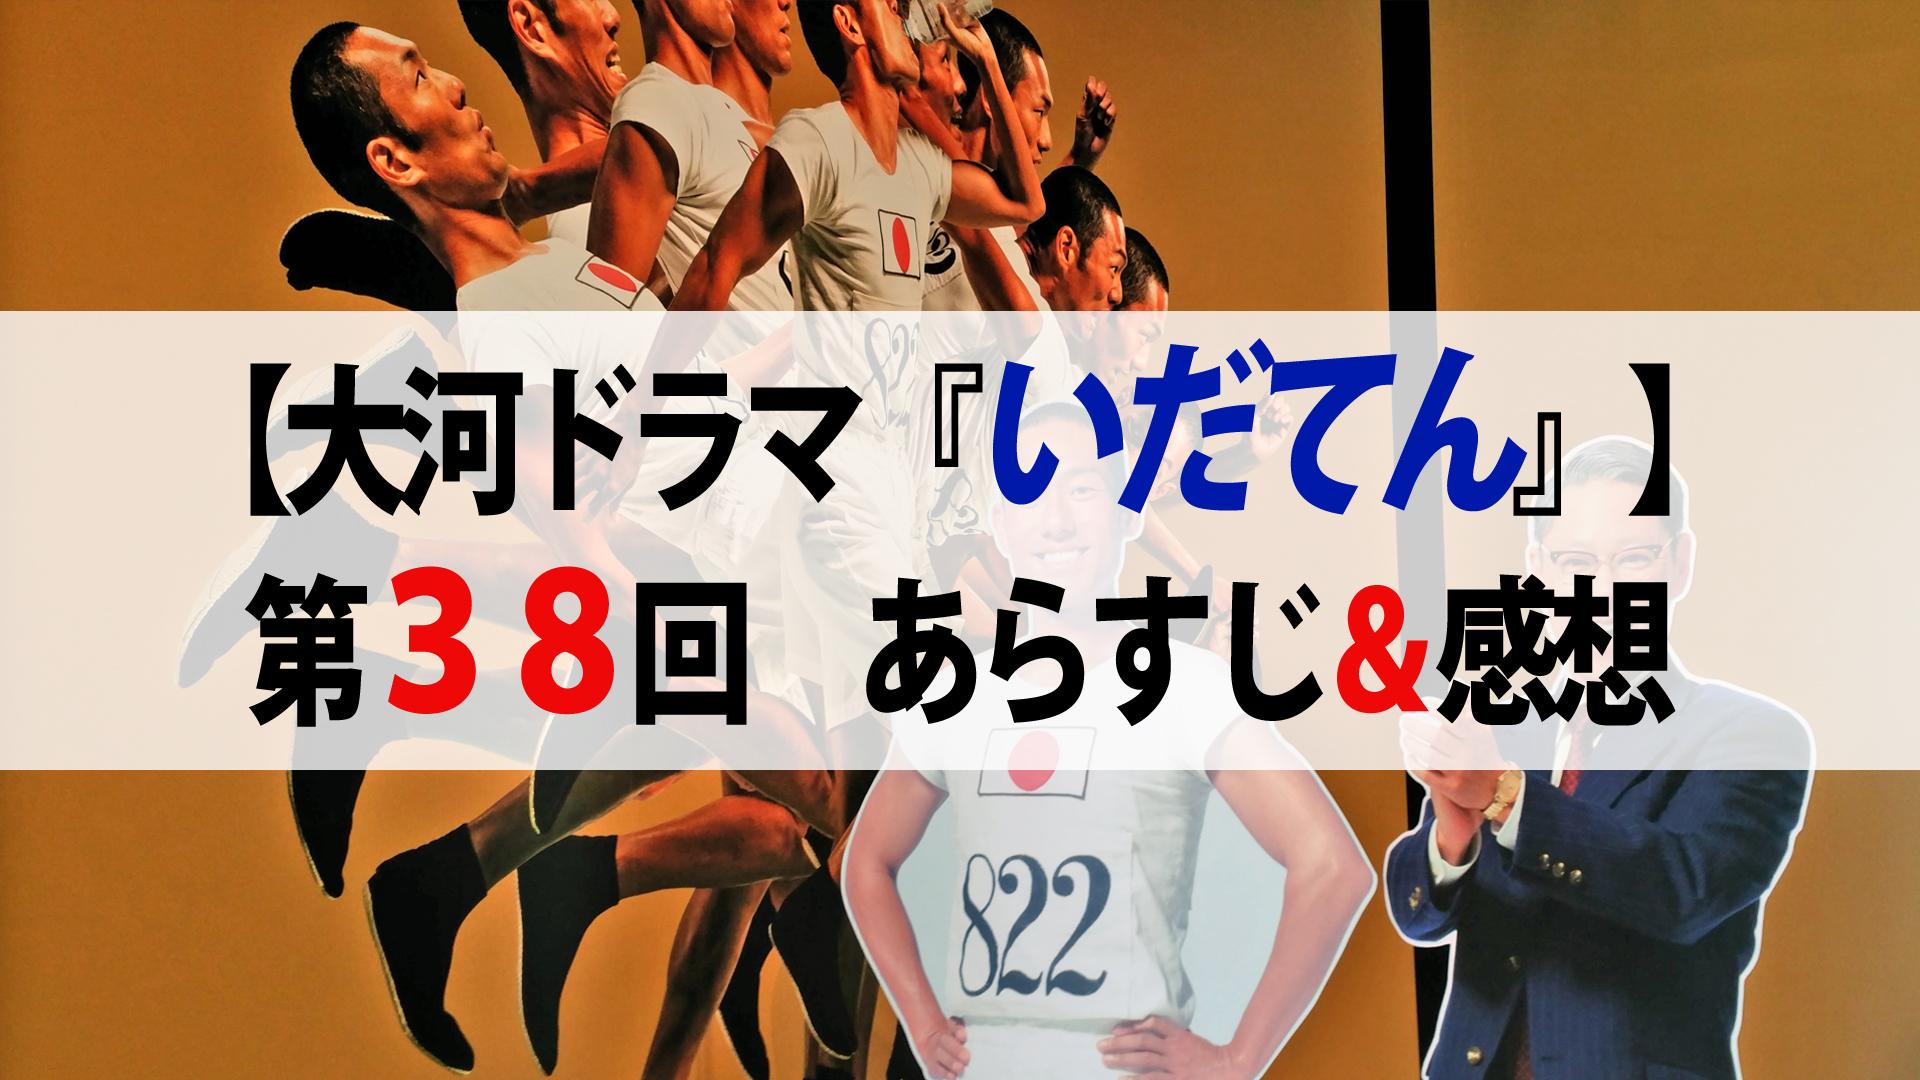 【大河ドラマ『いだてん』】第38回『長いお別れ』あらすじ&感想